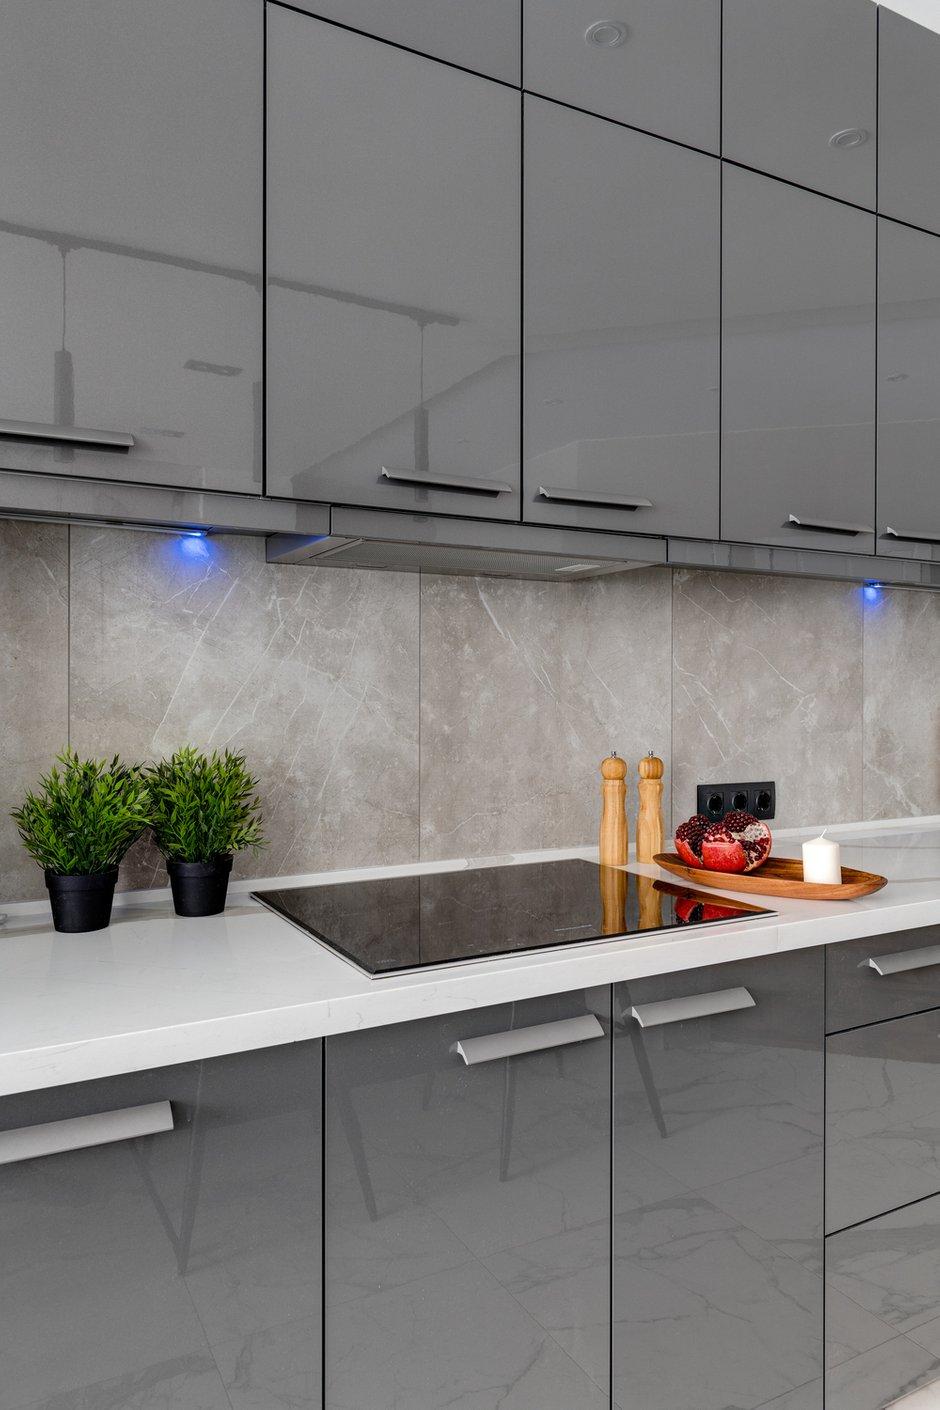 Вся техника встроенная. Основные размеры стандартные, но кухня сделана на заказ.